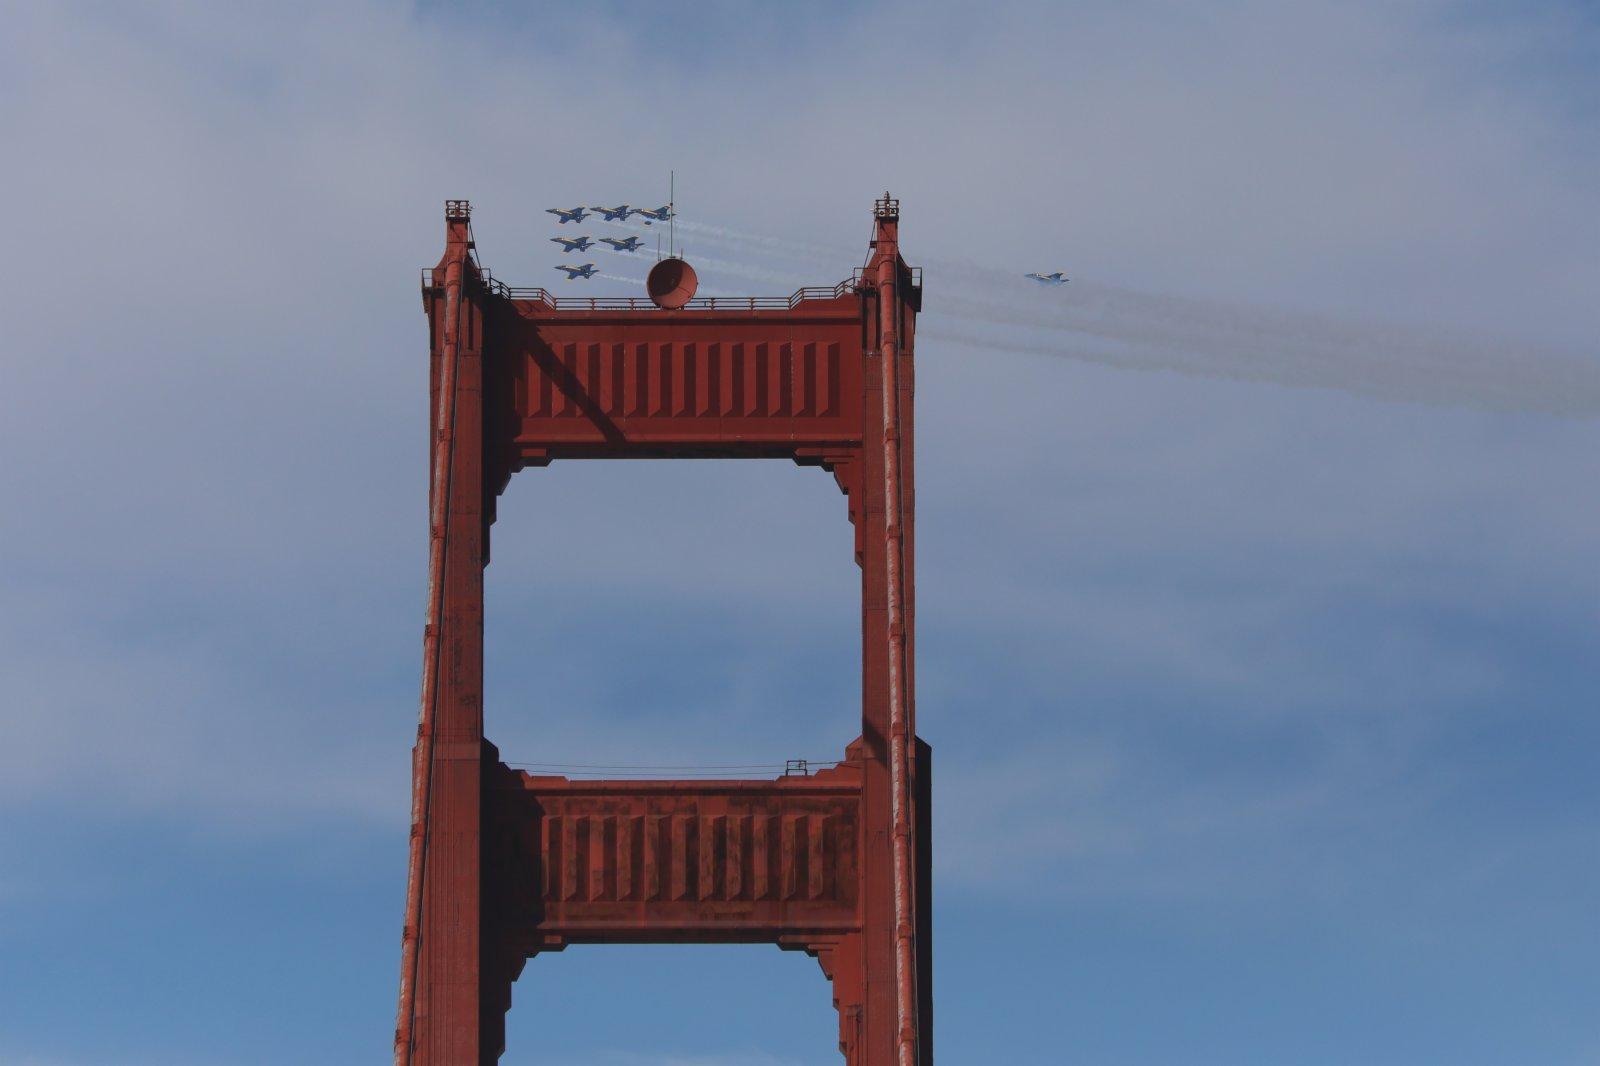 10月8日,美國海軍「藍天使」飛行表演隊在美國舊金山艦隊周活動上進行飛行表演。(新華社)